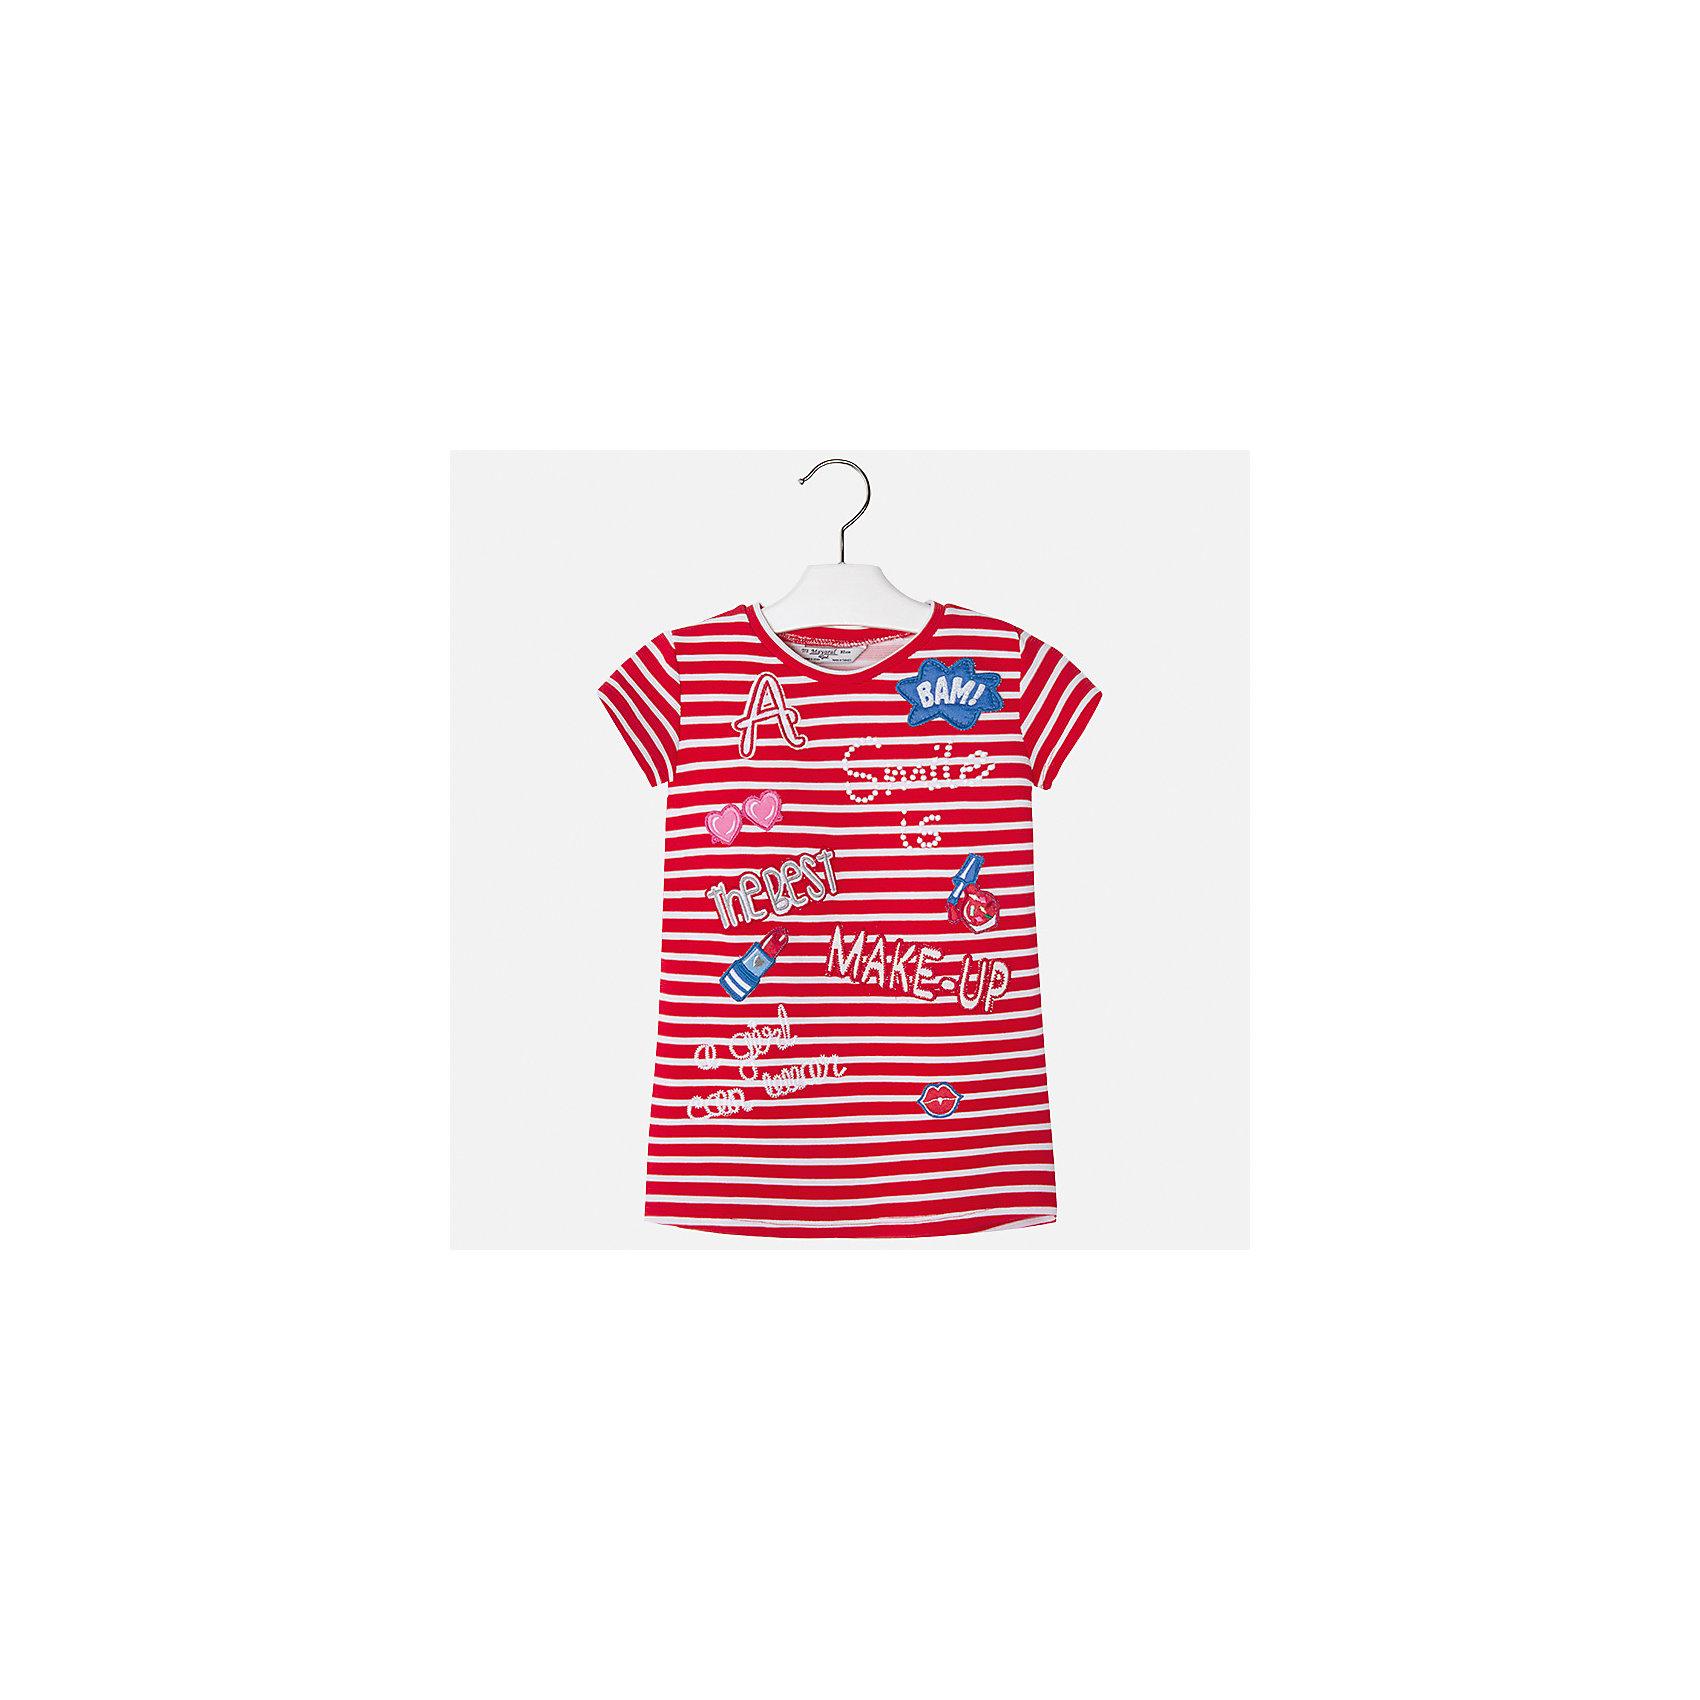 Платье для девочки MayoralЛетние платья и сарафаны<br>Характеристики товара:<br><br>• цвет: красный<br>• состав: 95% полиэстер, 5% эластан<br>• без застежки<br>• прямой силуэт<br>• короткие рукава<br>• декорировано принтом<br>• страна бренда: Испания<br><br>Стильное платье для девочки поможет разнообразить гардероб ребенка и создать эффектный наряд. Оно подойдет для различных случаев. Красивый оттенок позволяет подобрать к вещи обувь разных расцветок. Платье хорошо сидит по фигуре. <br><br>Одежда, обувь и аксессуары от испанского бренда Mayoral полюбились детям и взрослым по всему миру. Модели этой марки - стильные и удобные. Для их производства используются только безопасные, качественные материалы и фурнитура. Порадуйте ребенка модными и красивыми вещами от Mayoral! <br><br>Платье для девочки от испанского бренда Mayoral (Майорал) можно купить в нашем интернет-магазине.<br><br>Ширина мм: 236<br>Глубина мм: 16<br>Высота мм: 184<br>Вес г: 177<br>Цвет: красный<br>Возраст от месяцев: 96<br>Возраст до месяцев: 108<br>Пол: Женский<br>Возраст: Детский<br>Размер: 134,98,104,110,116,122,128<br>SKU: 5300628